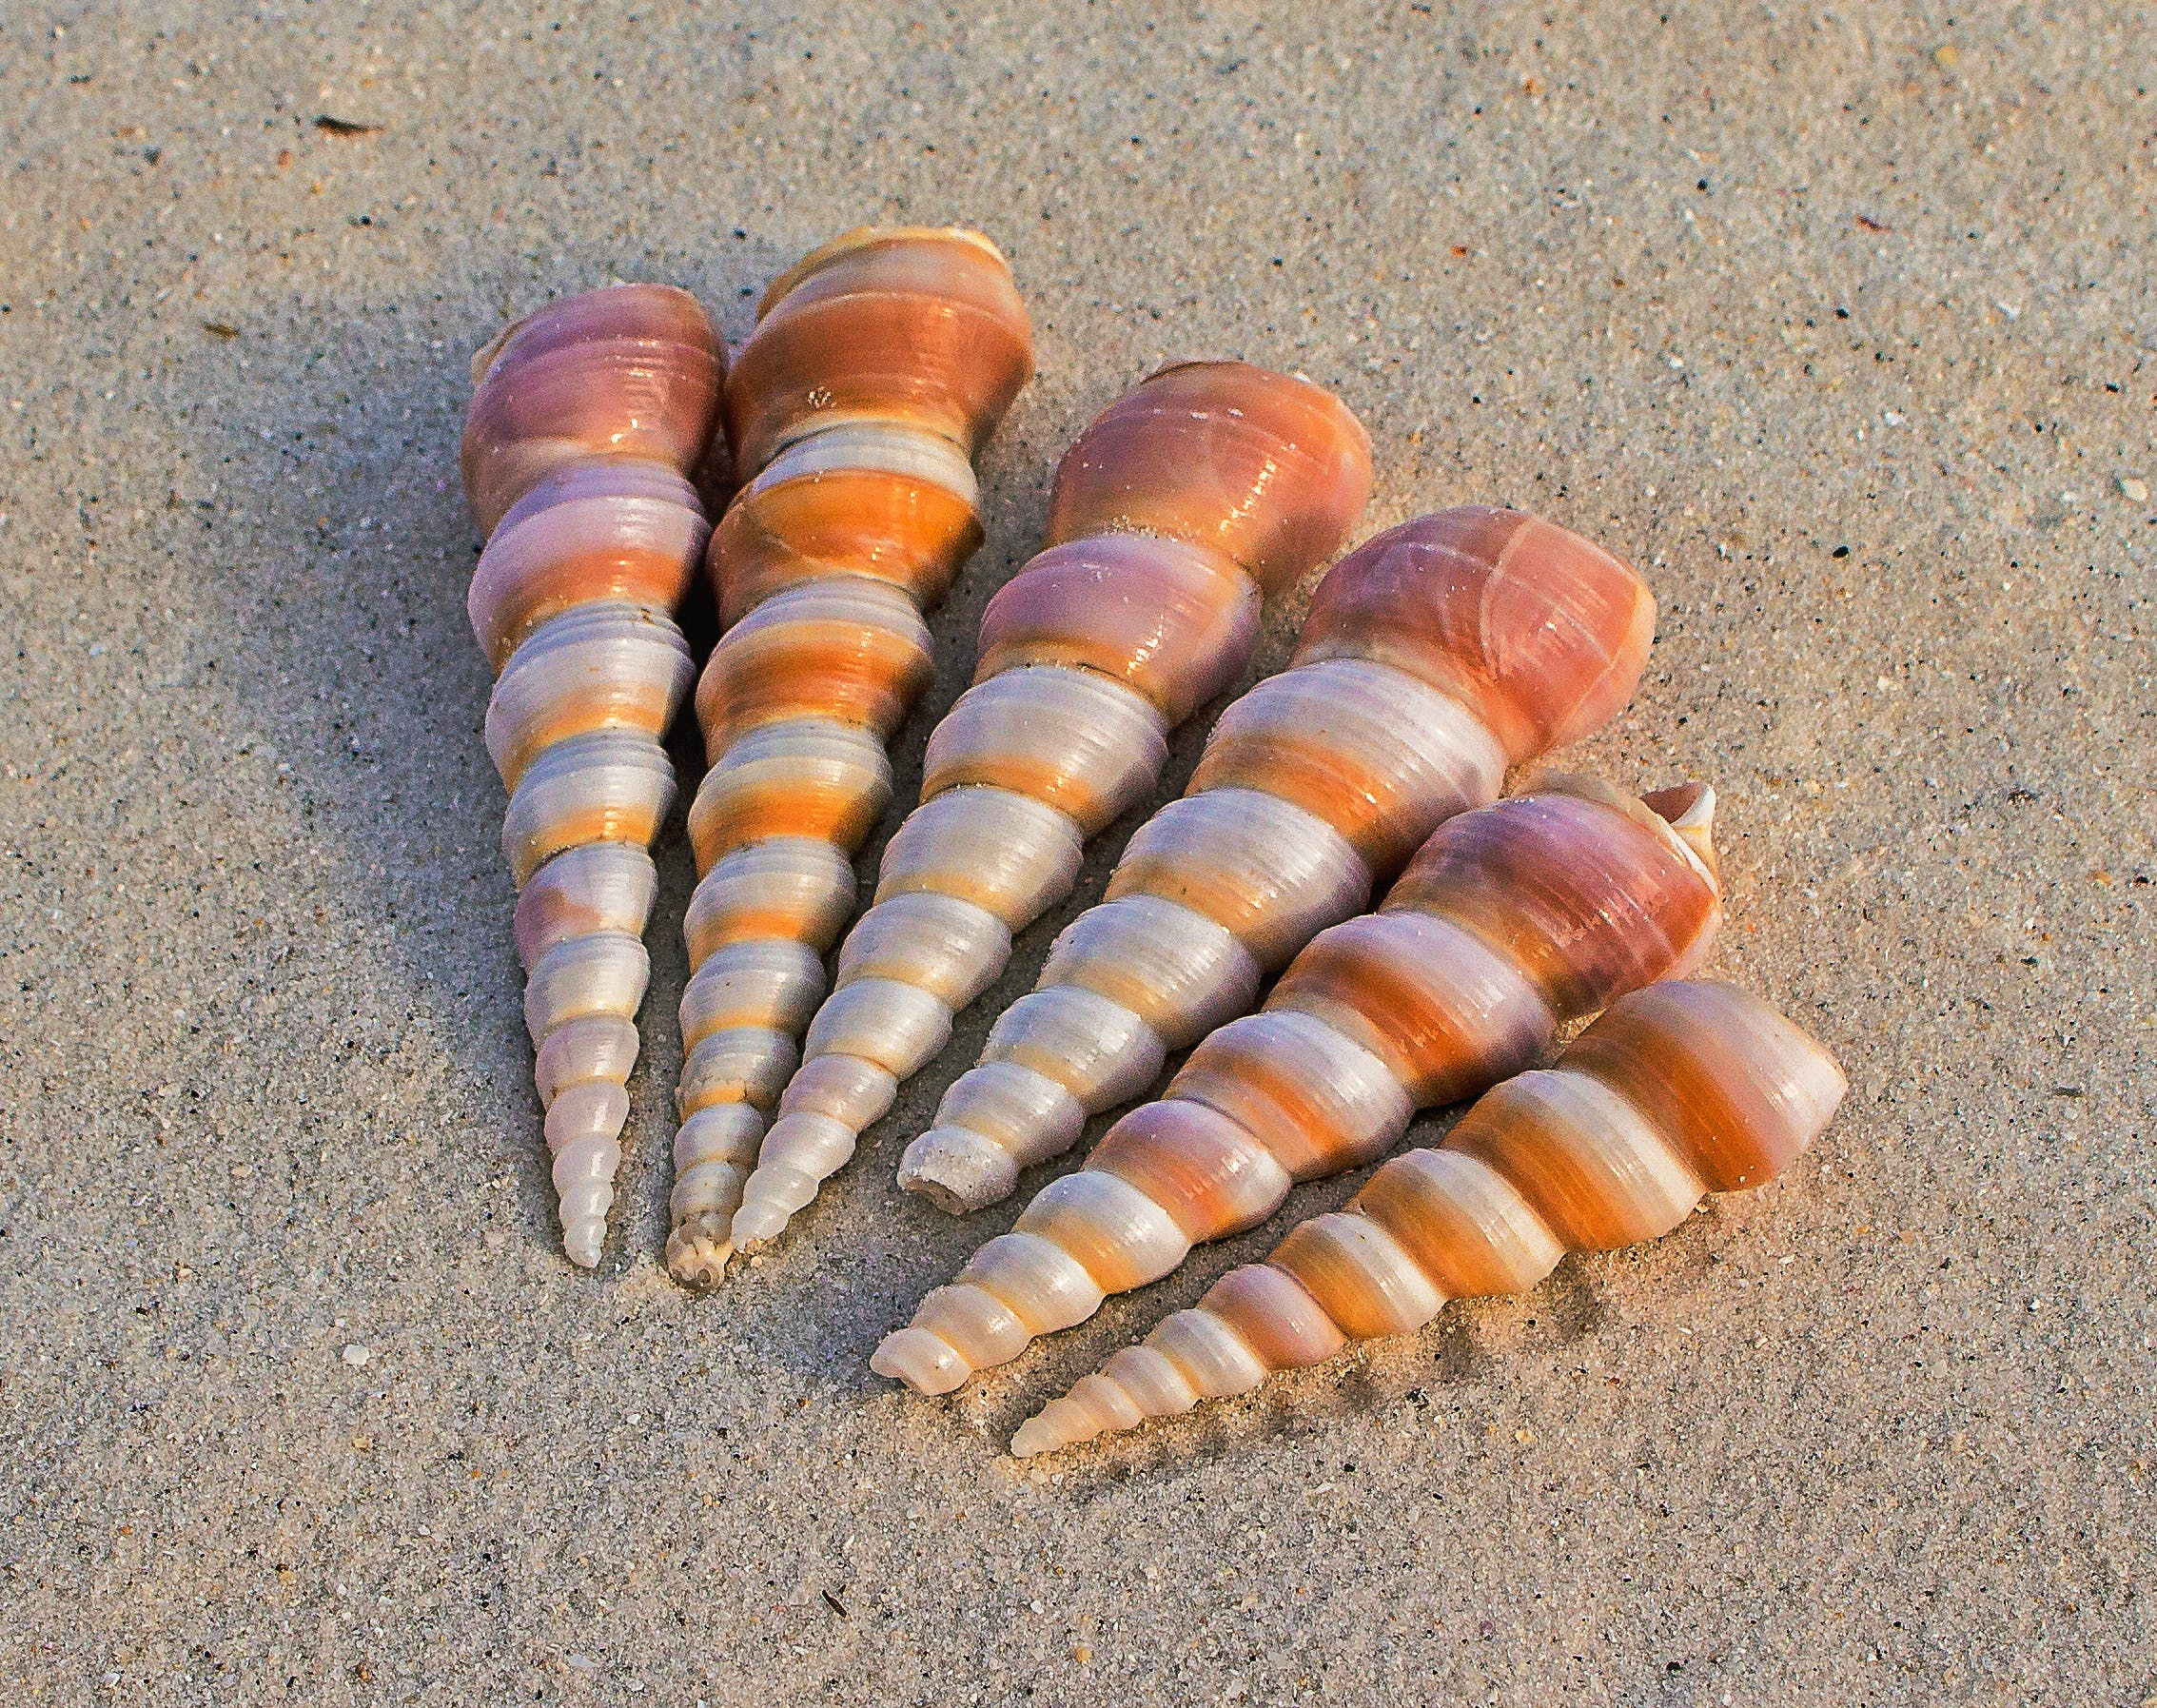 나선형, 모래, 바다 조개, 소라고둥의 무료 스톡 사진